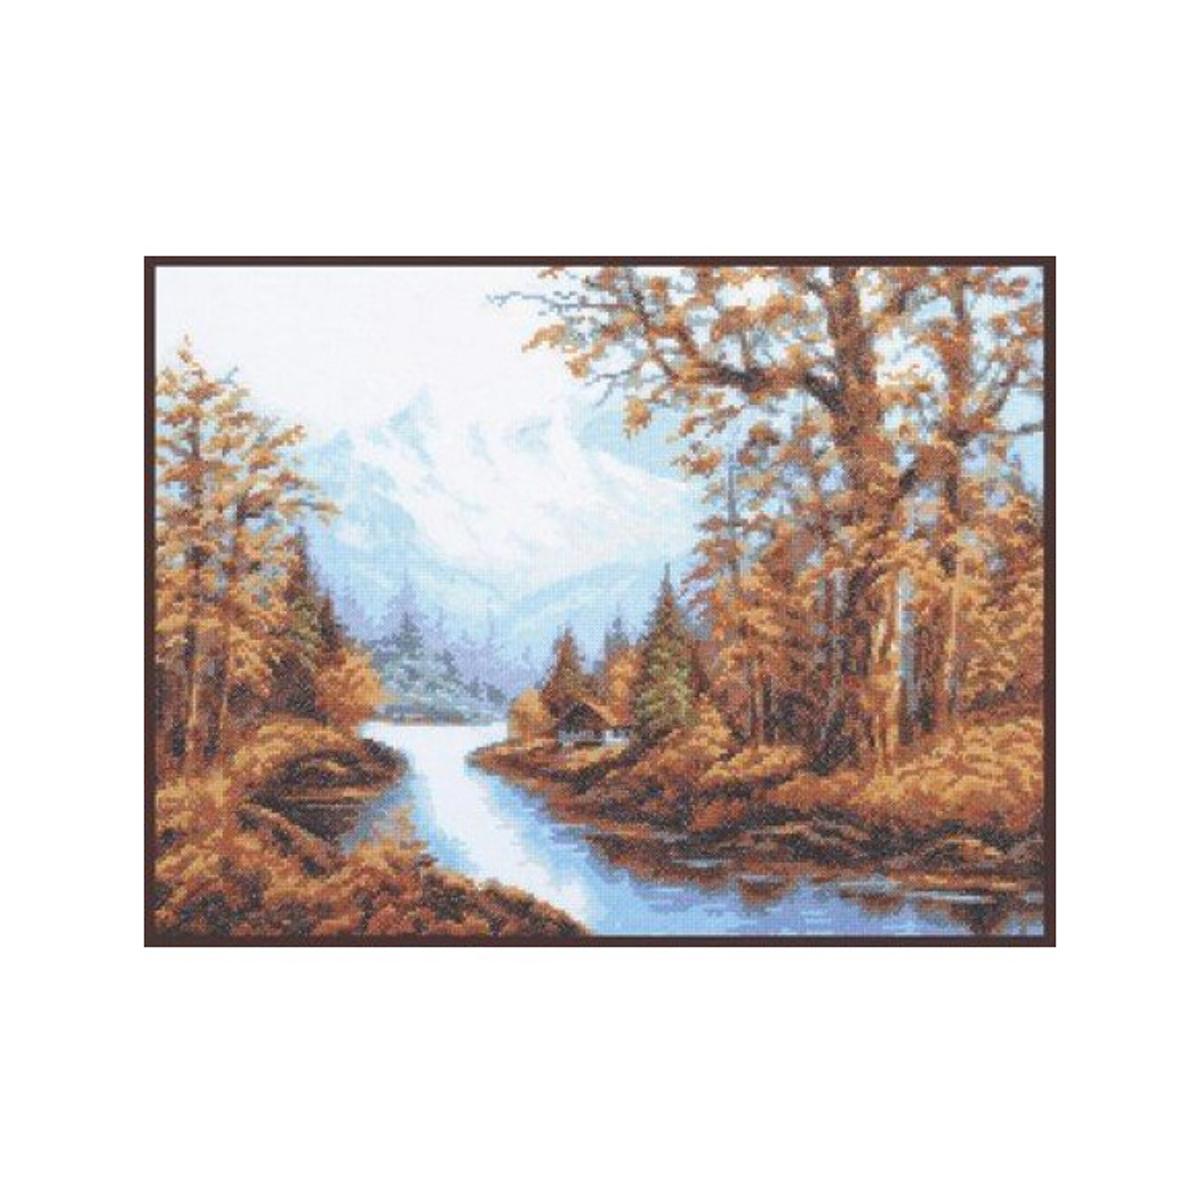 Набор для вышивания крестом Палитра Пейзаж с горами, 36 x 27 см488053Набор для вышивания Палитра Пейзаж с горами поможет создать красивую вышитую картину. Рисунок-вышивка, выполненный на канве, выглядит стильно и модно. Вышивание отвлечет вас от повседневных забот и превратится в увлекательное занятие! Работа, сделанная своими руками, не только украсит интерьер дома, придав ему уют и оригинальность, но и будет отличным подарком для друзей и близких! Набор для вышивания содержит все необходимые материалы для вышивки на канве в технике счетный крест. В состав набора входит: - канва Aida Bestex №16 белого цвета, - нитки мулине ПНК им. Кирова - 17 цветов, - игла Pony, - цветная символьная схема, - подробная инструкция на русском языке. Размер канвы: 48 х 38 см. УВАЖАЕМЫЕ КЛИЕНТЫ! Обращаем ваше внимание, на тот факт, что рамка в комплект не входит, а служит для визуального восприятия товара.